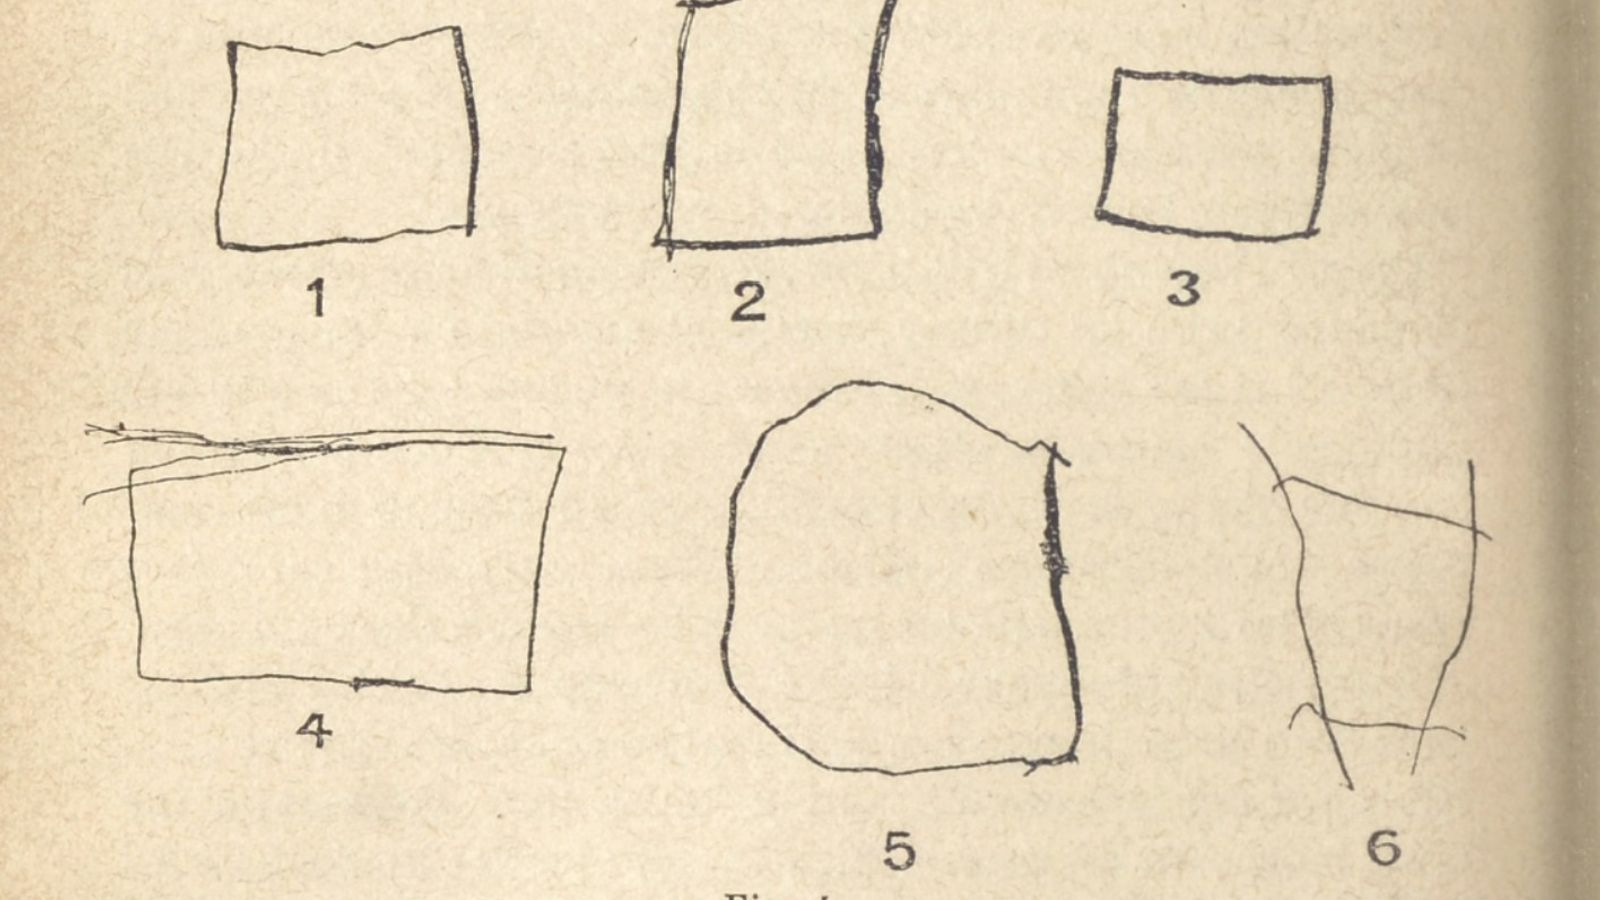 Test du carré pour enfant de cinq ans, issu des travaux d'Alfred Binet et Théodore Simon.